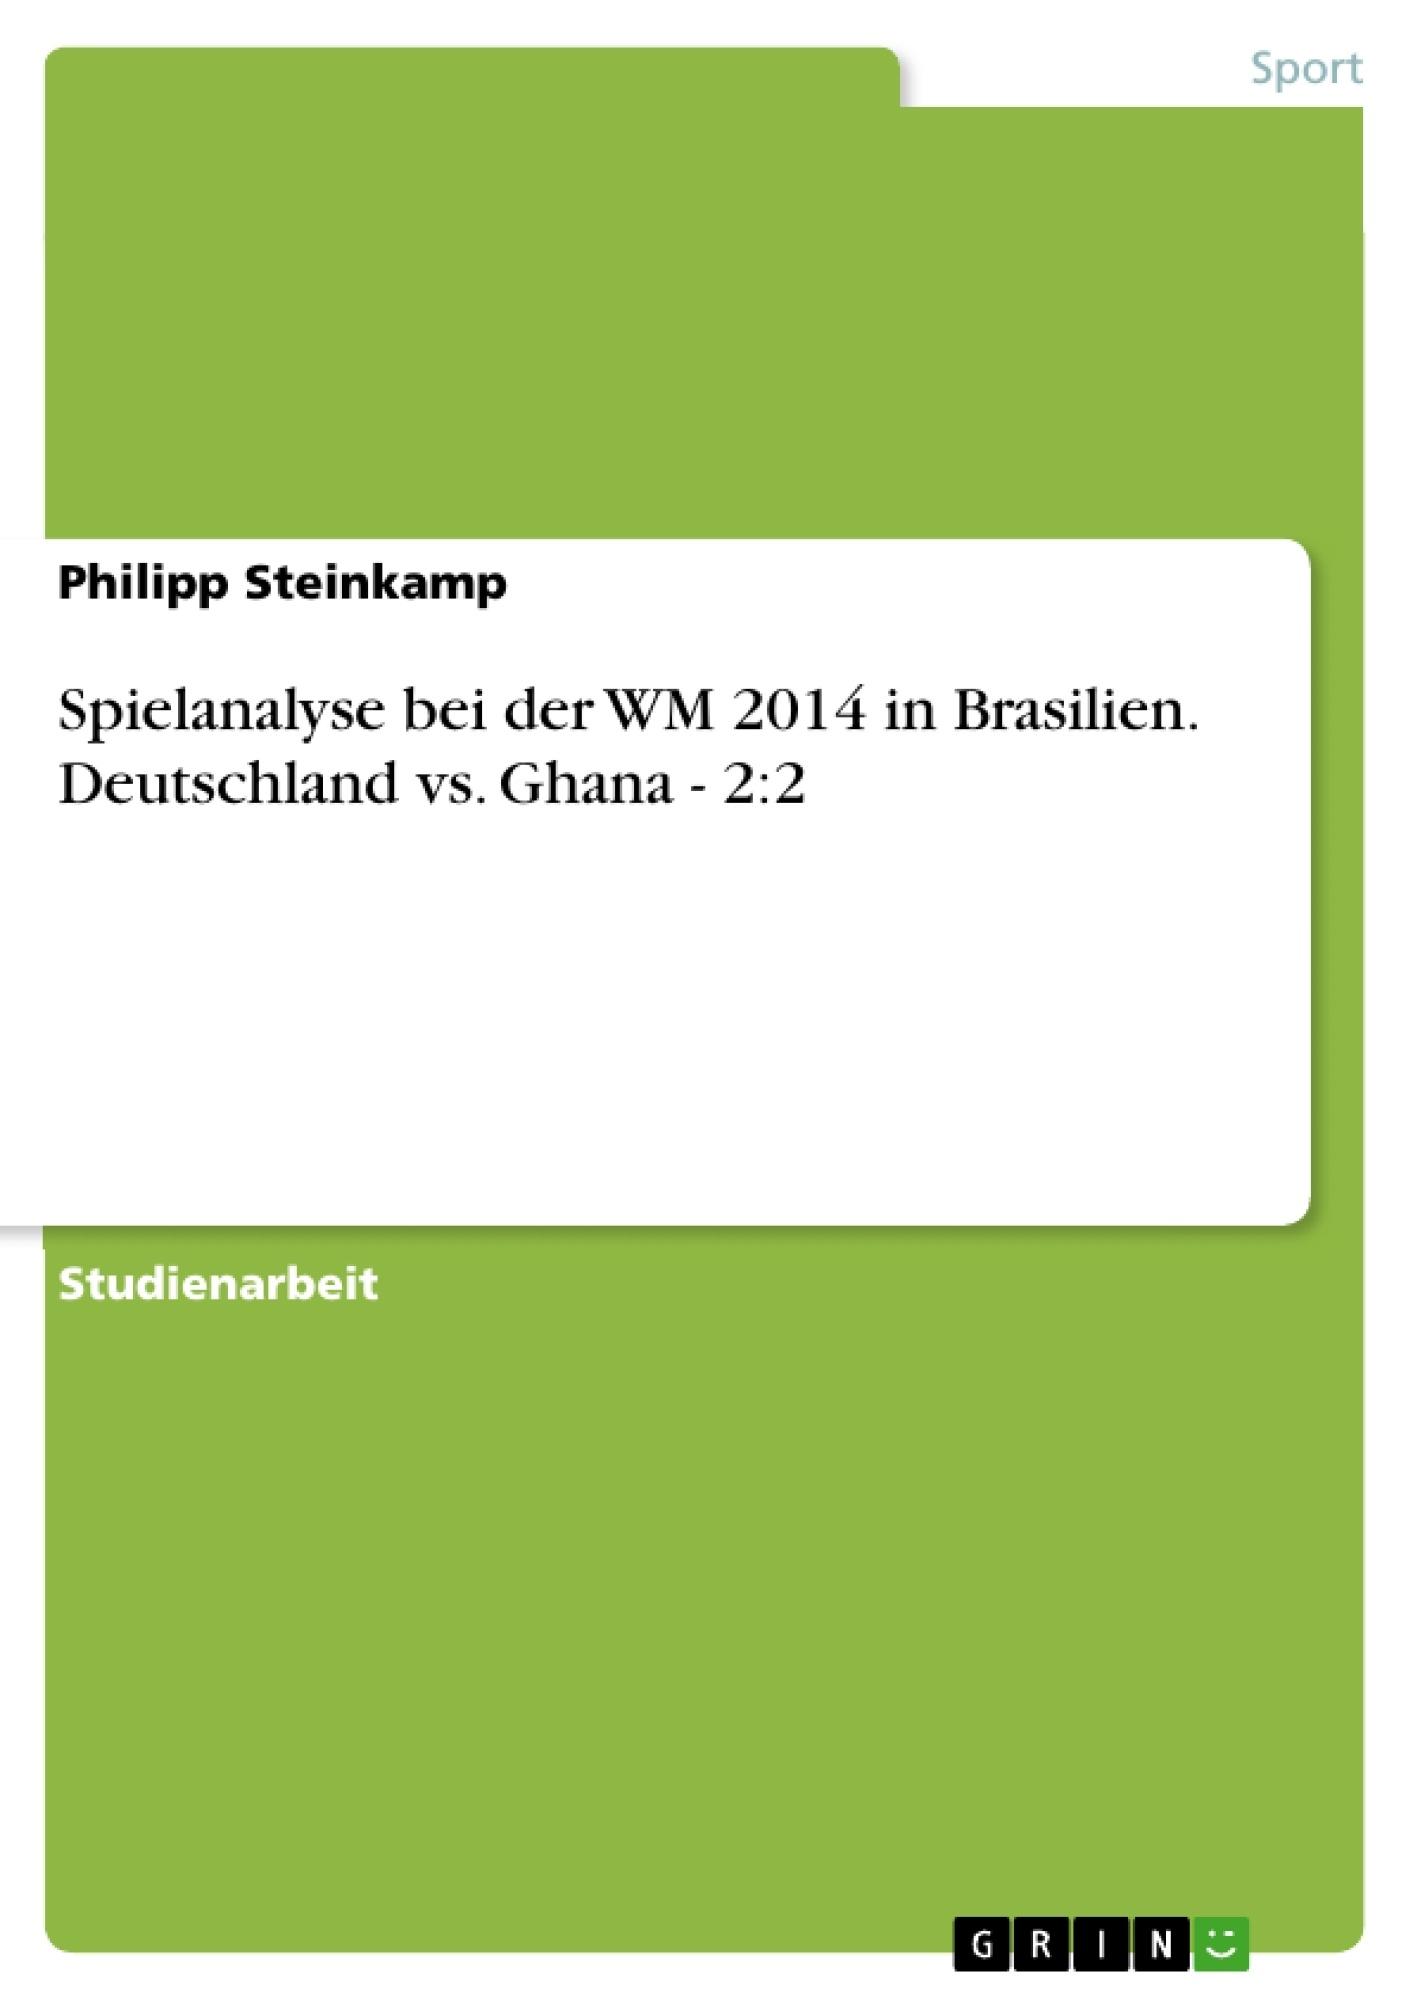 Titel: Spielanalyse bei der WM 2014 in Brasilien. Deutschland vs. Ghana - 2:2